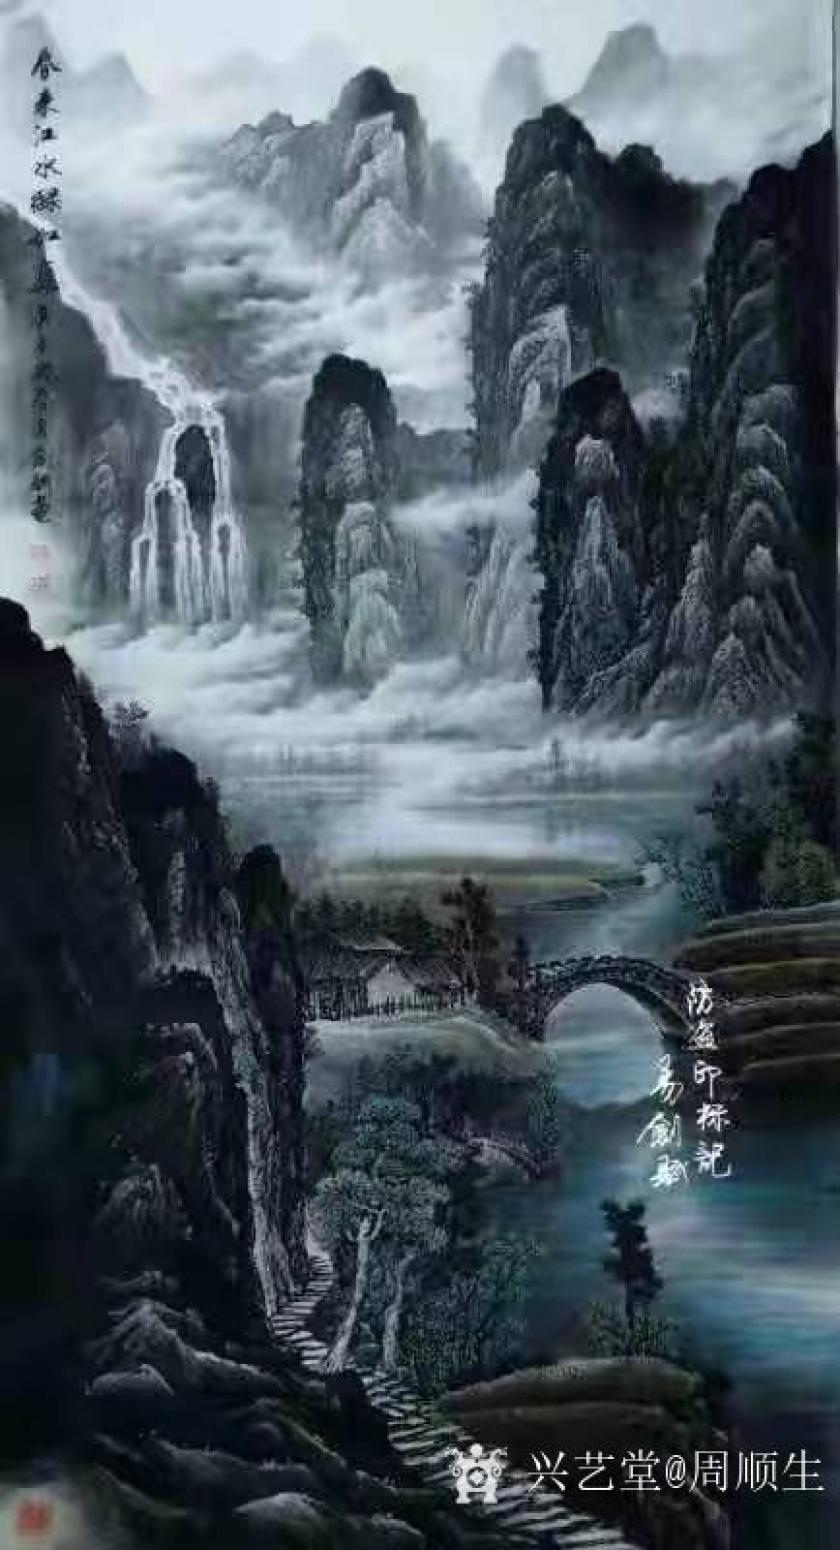 周顺生国画作品《易剑赋春江水大六尺》